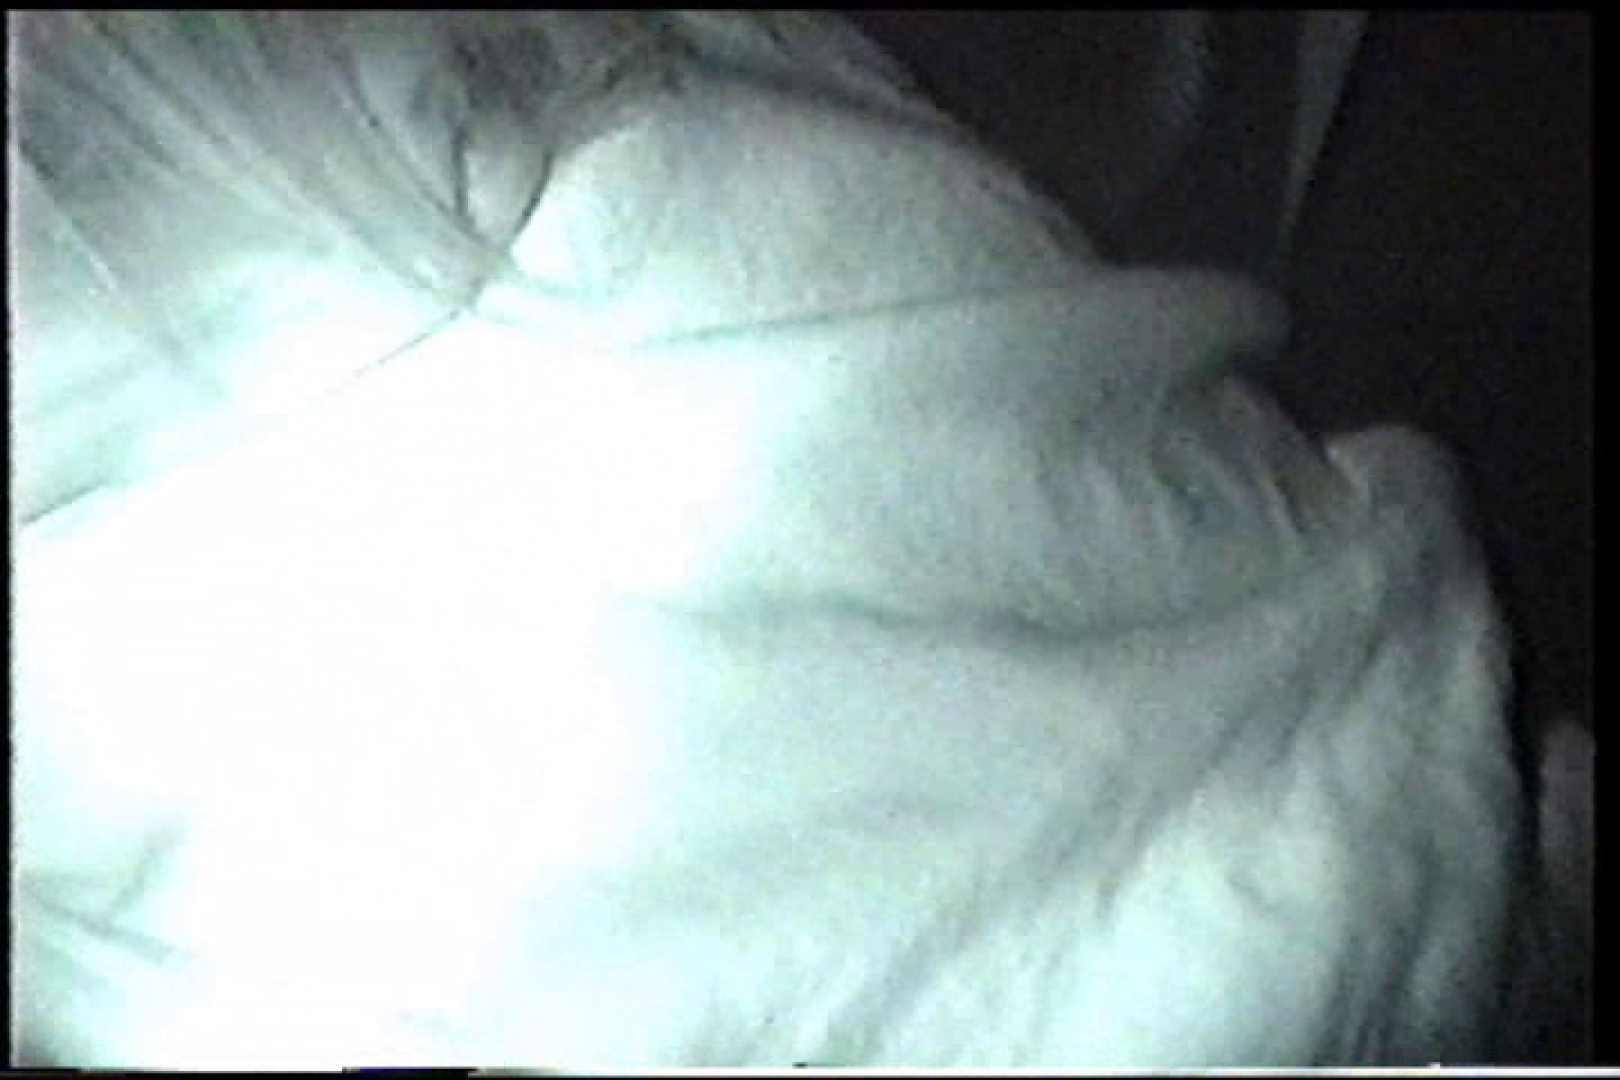 充血監督の深夜の運動会Vol.214 後編. OLの実態 隠し撮りすけべAV動画紹介 51pic 12